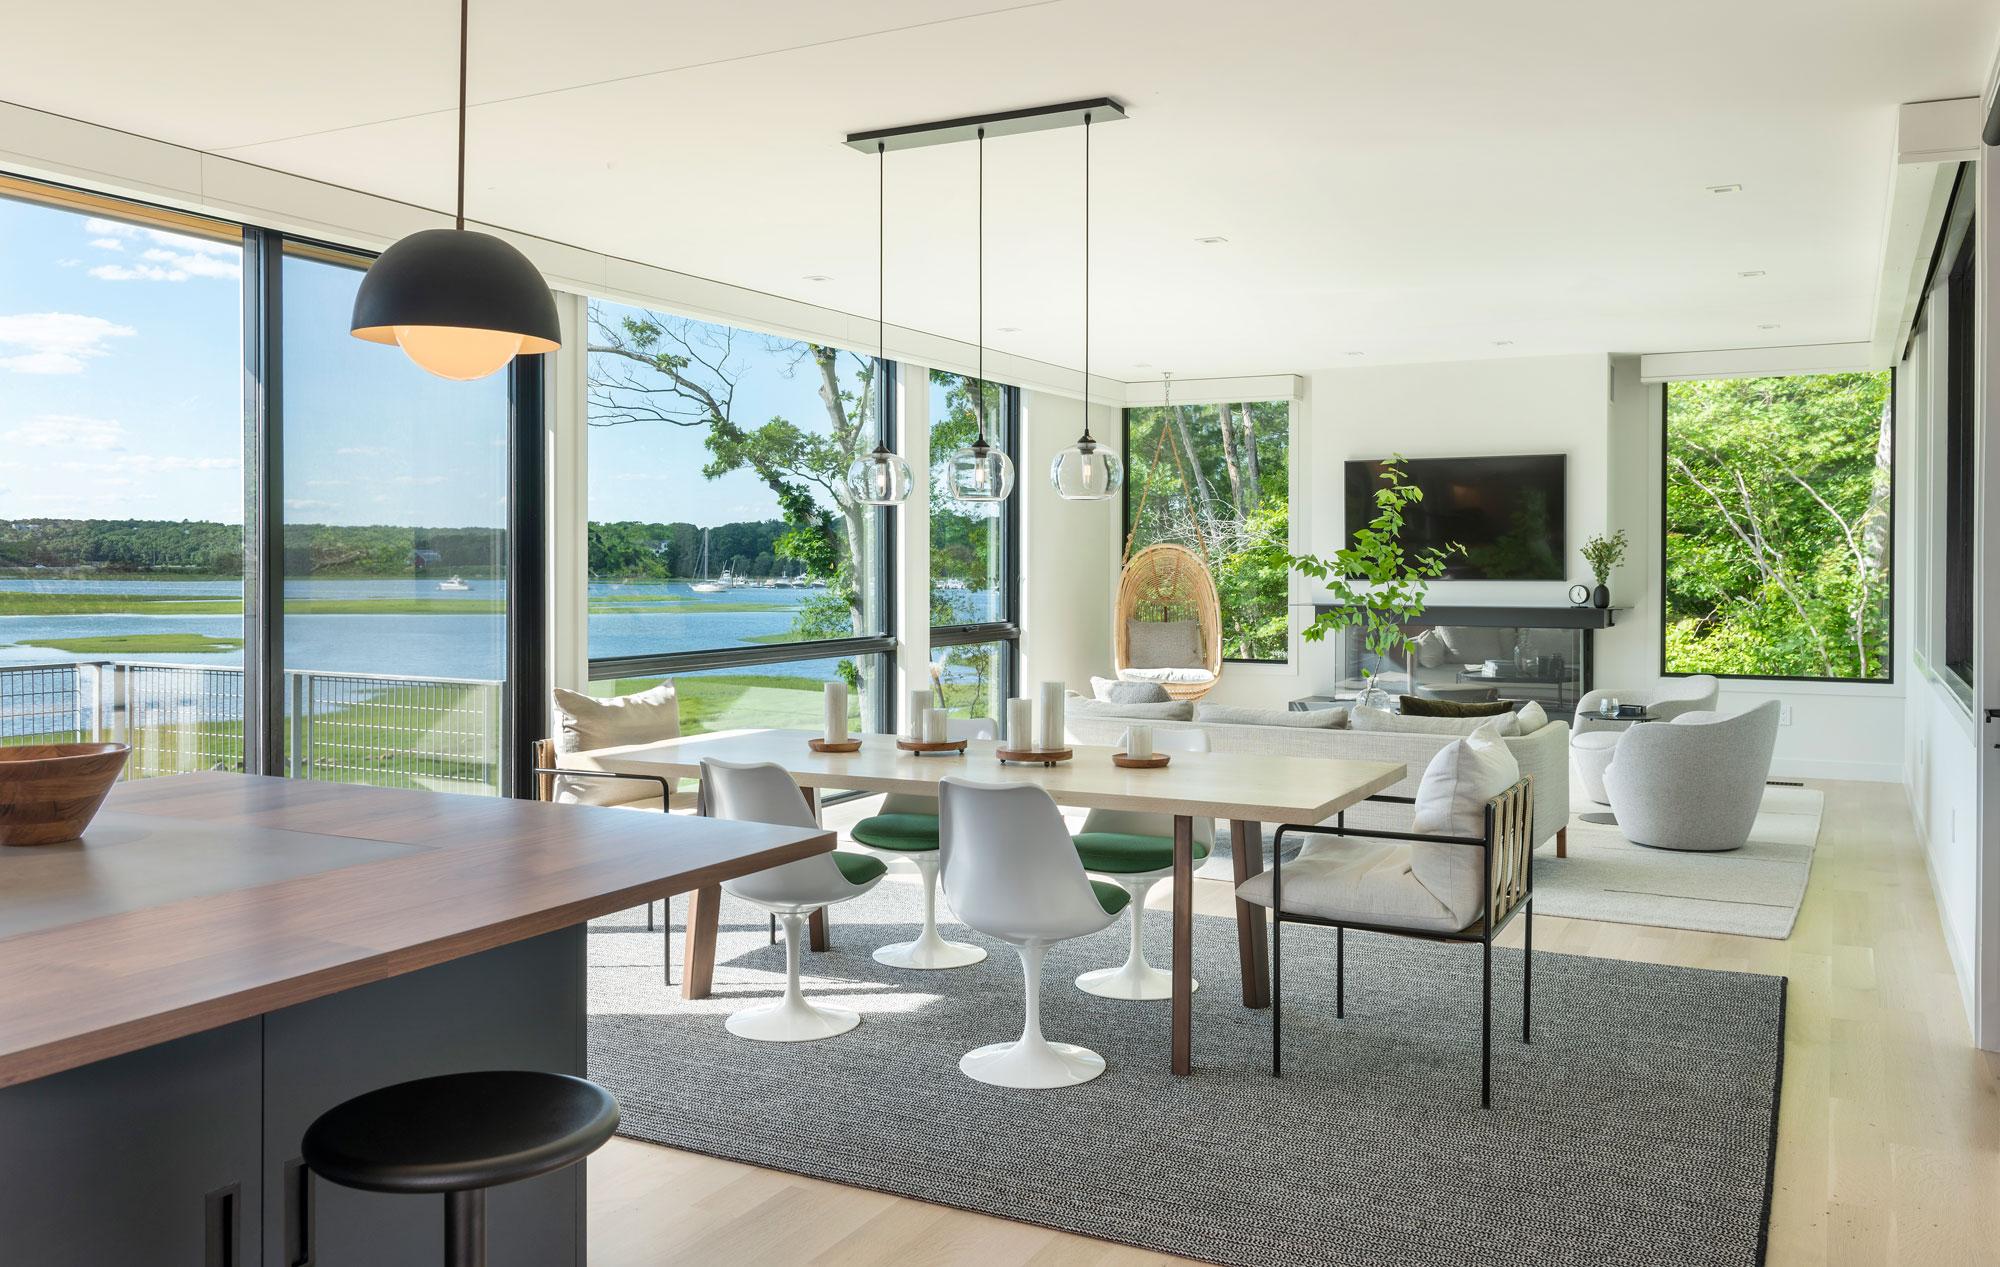 photo of interior at annisquam river house